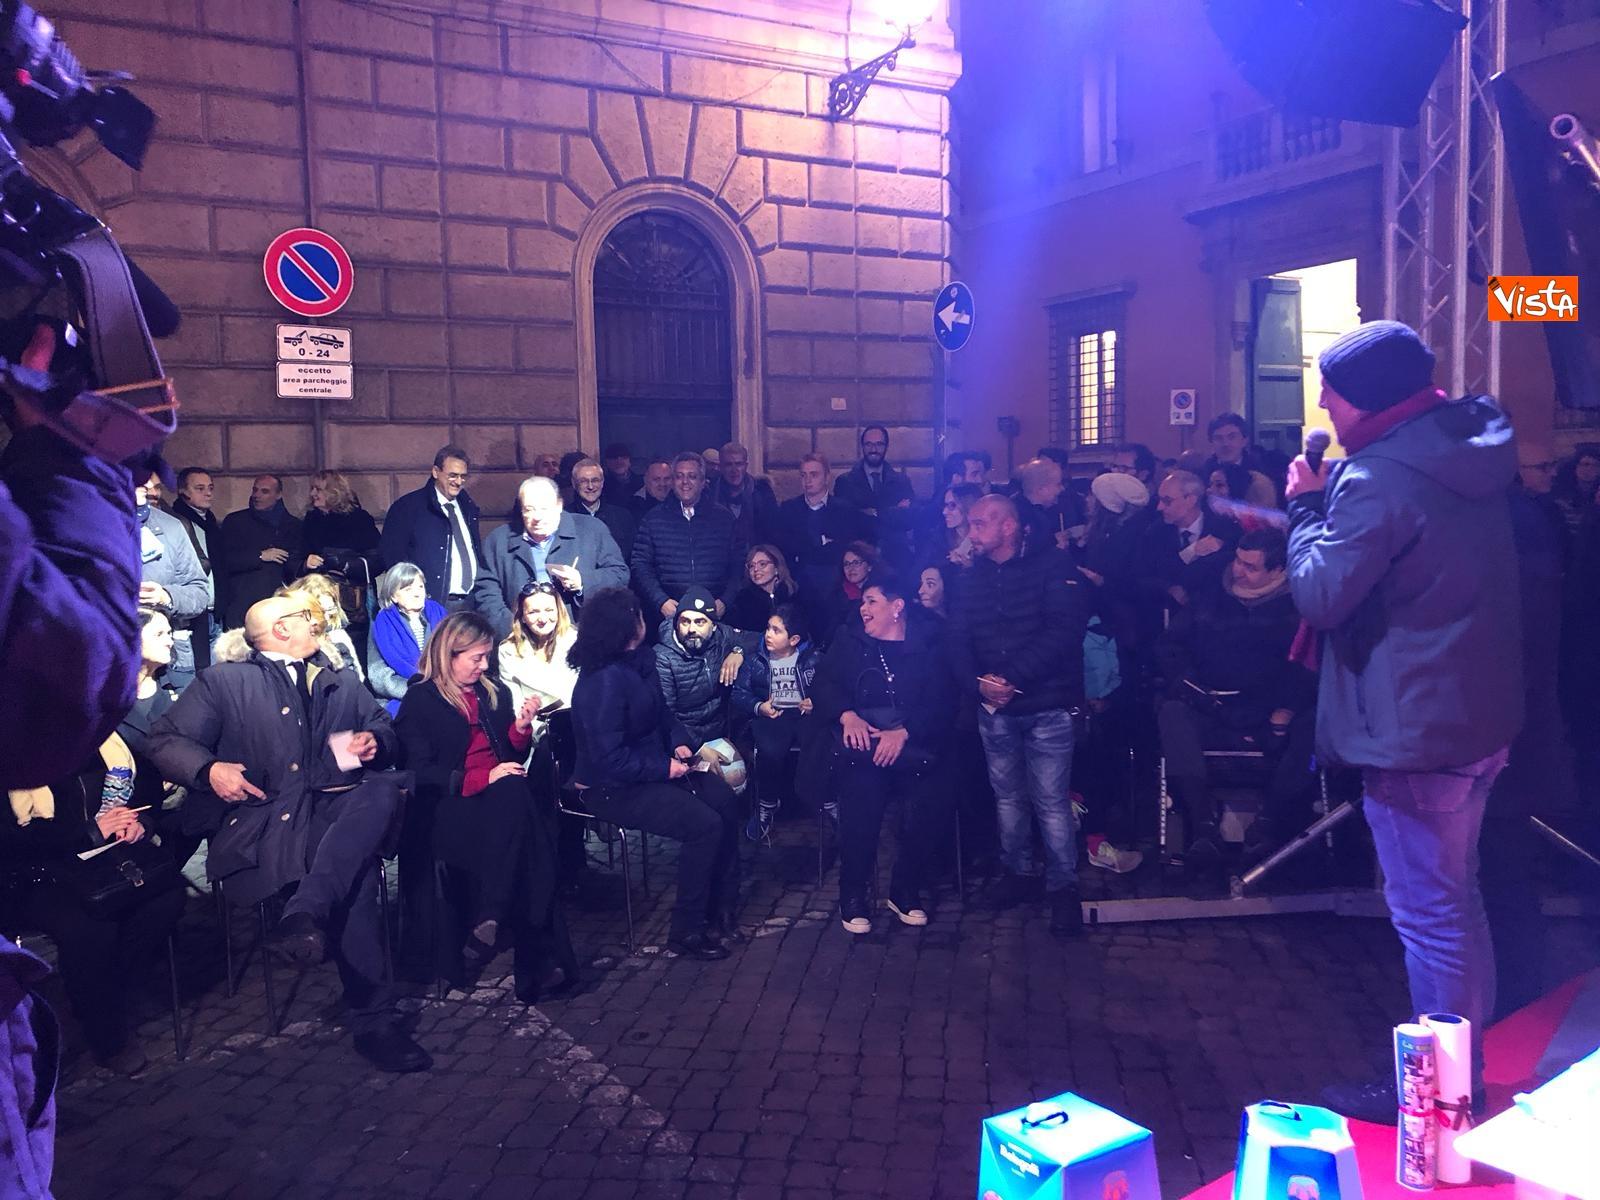 La festa di natale di Fratelli d'Italia, tra prodotti locali e tombolata sovranista_09